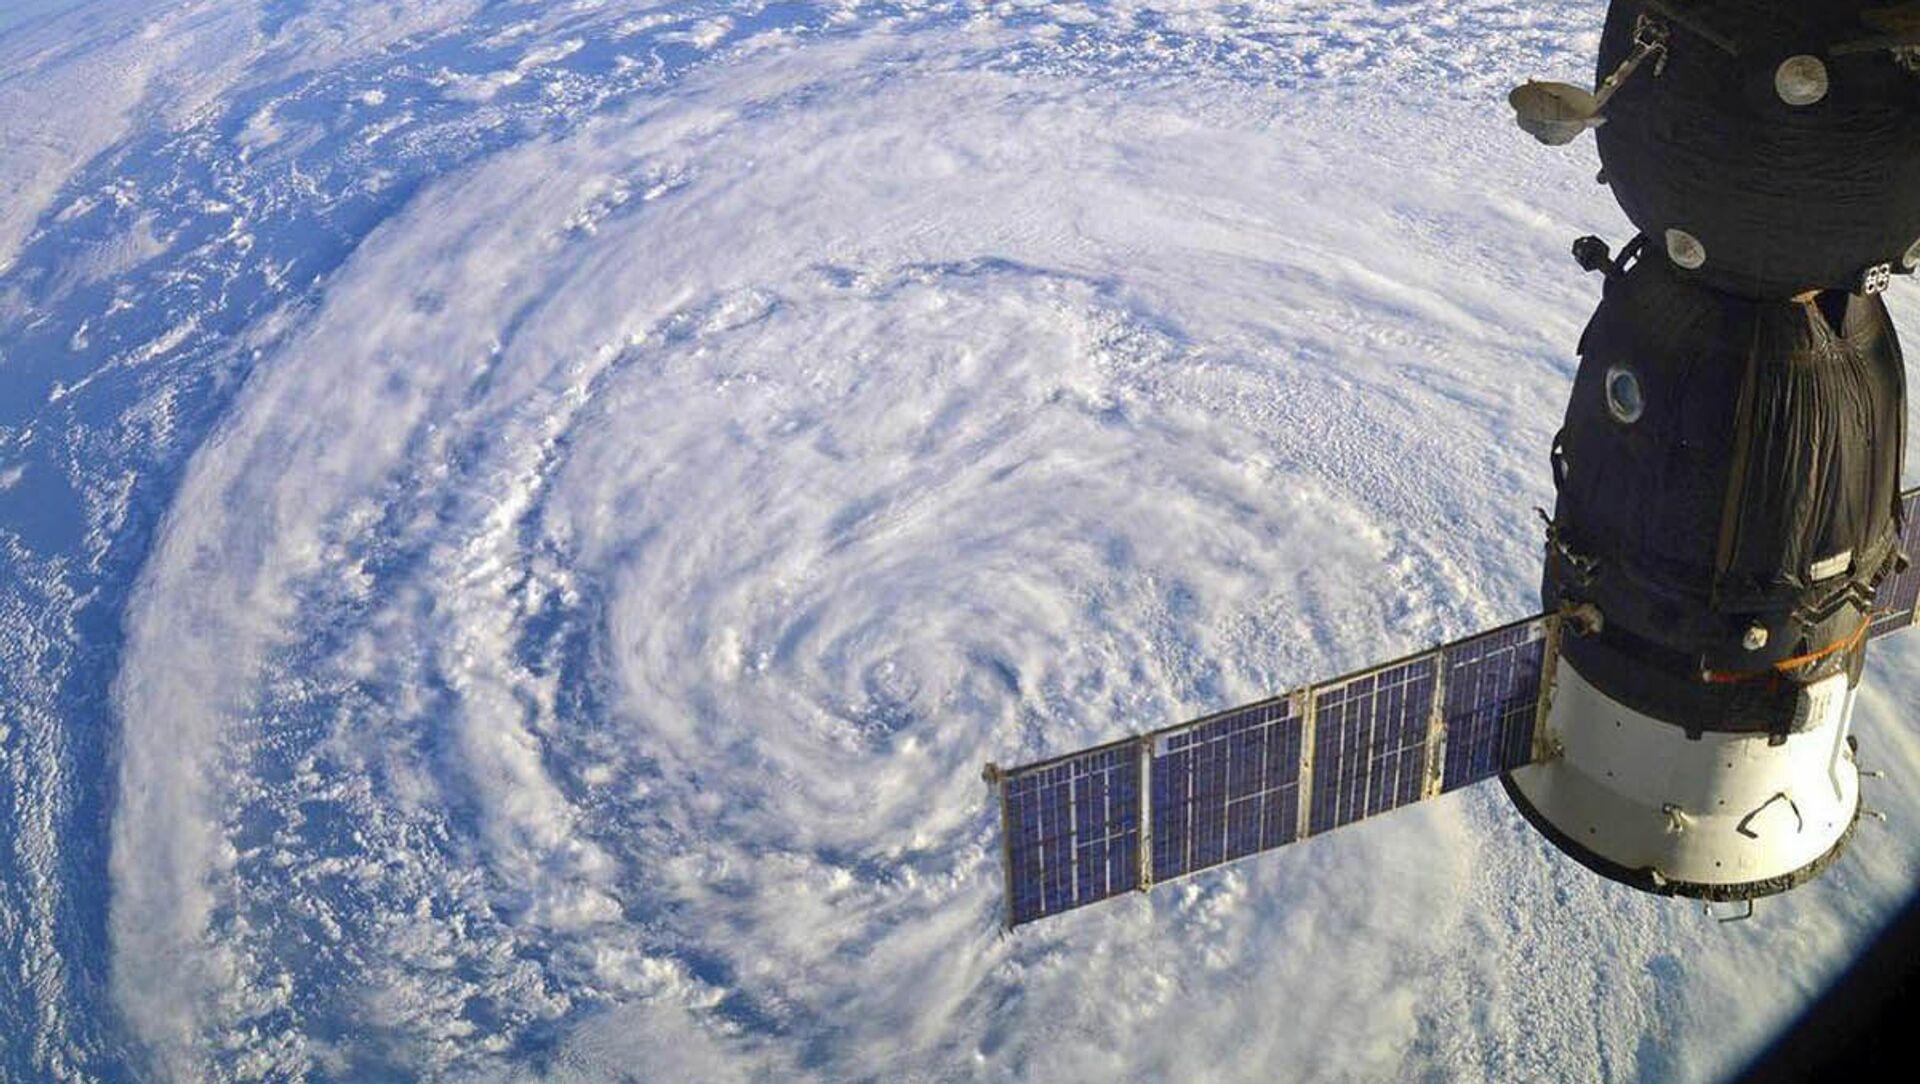 Międzynarodowa Stacja Kosmiczna przelatuje nad cyklonem - Sputnik Polska, 1920, 20.06.2021